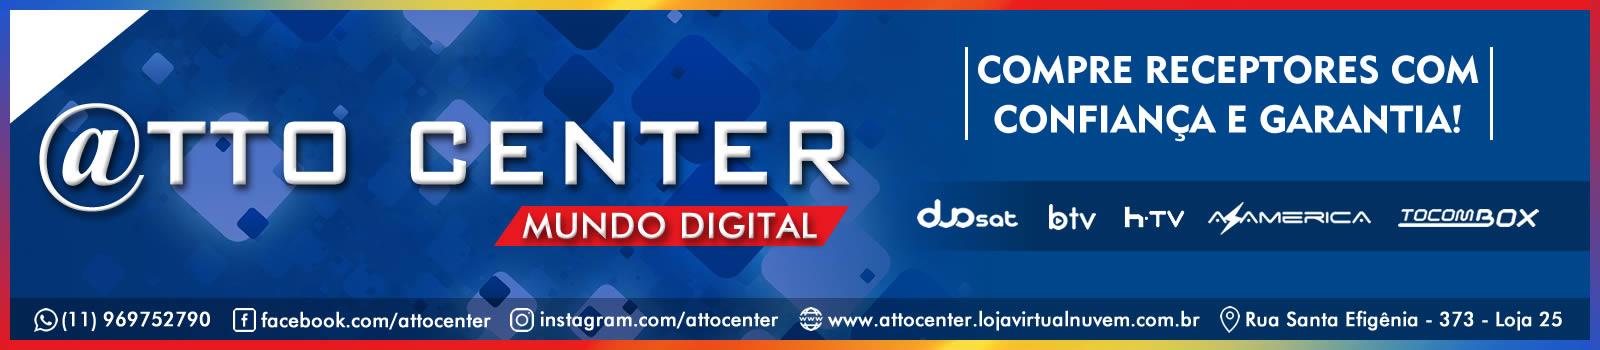 Atto Center